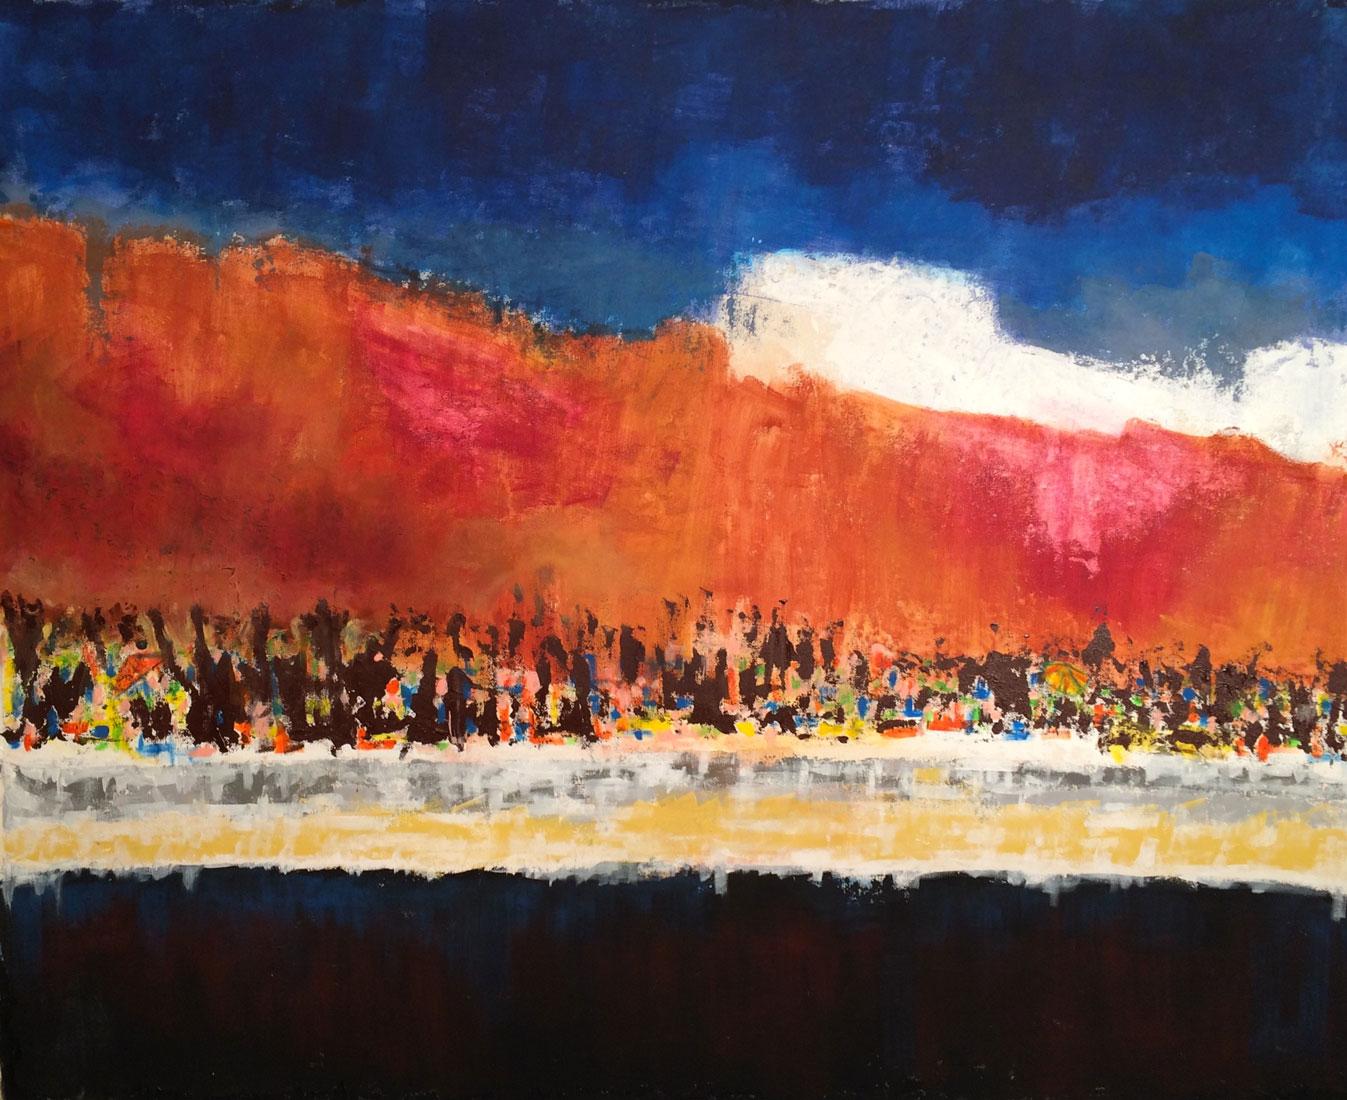 N°2572 - Plage - Acrylique et pigments sur toile - 130 x 162 cm - 10 septembre 2016